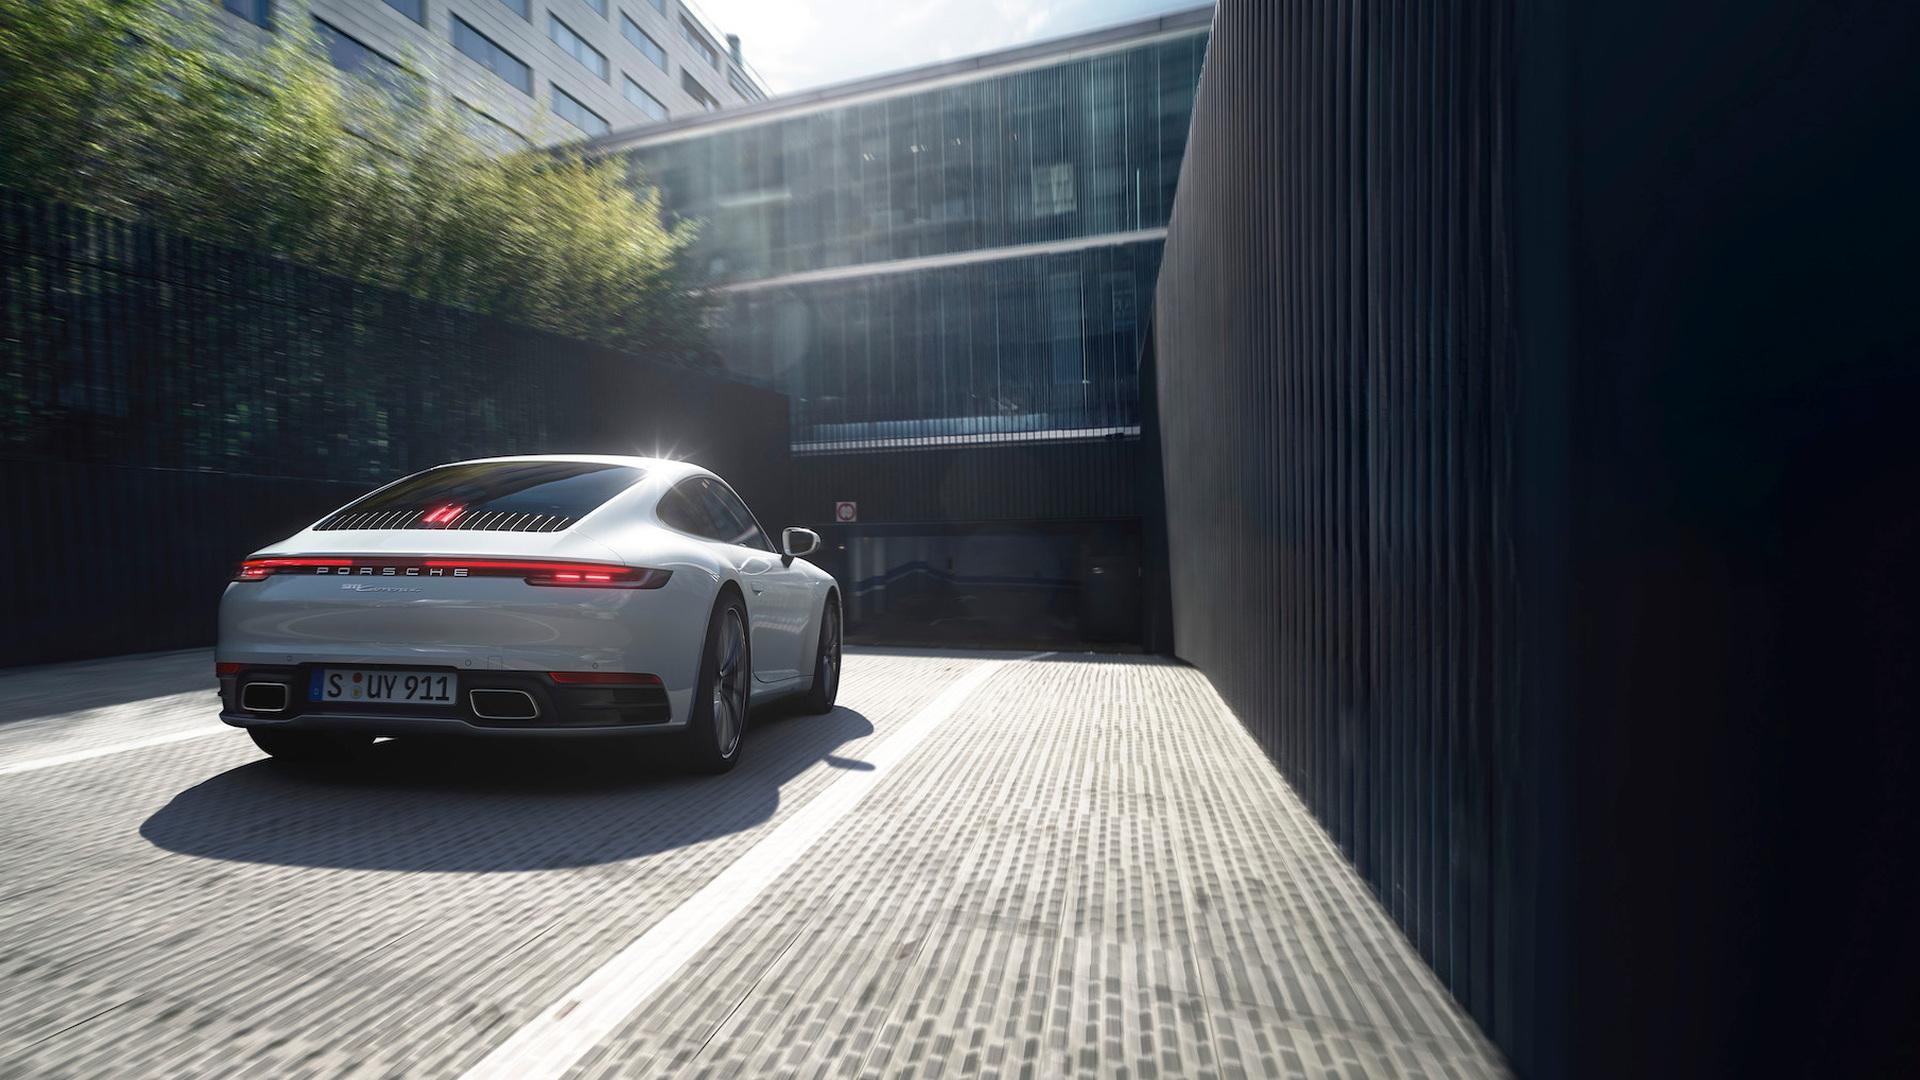 Porsche 911 Carrera 4 Arrives As The Four-Season Sports Car